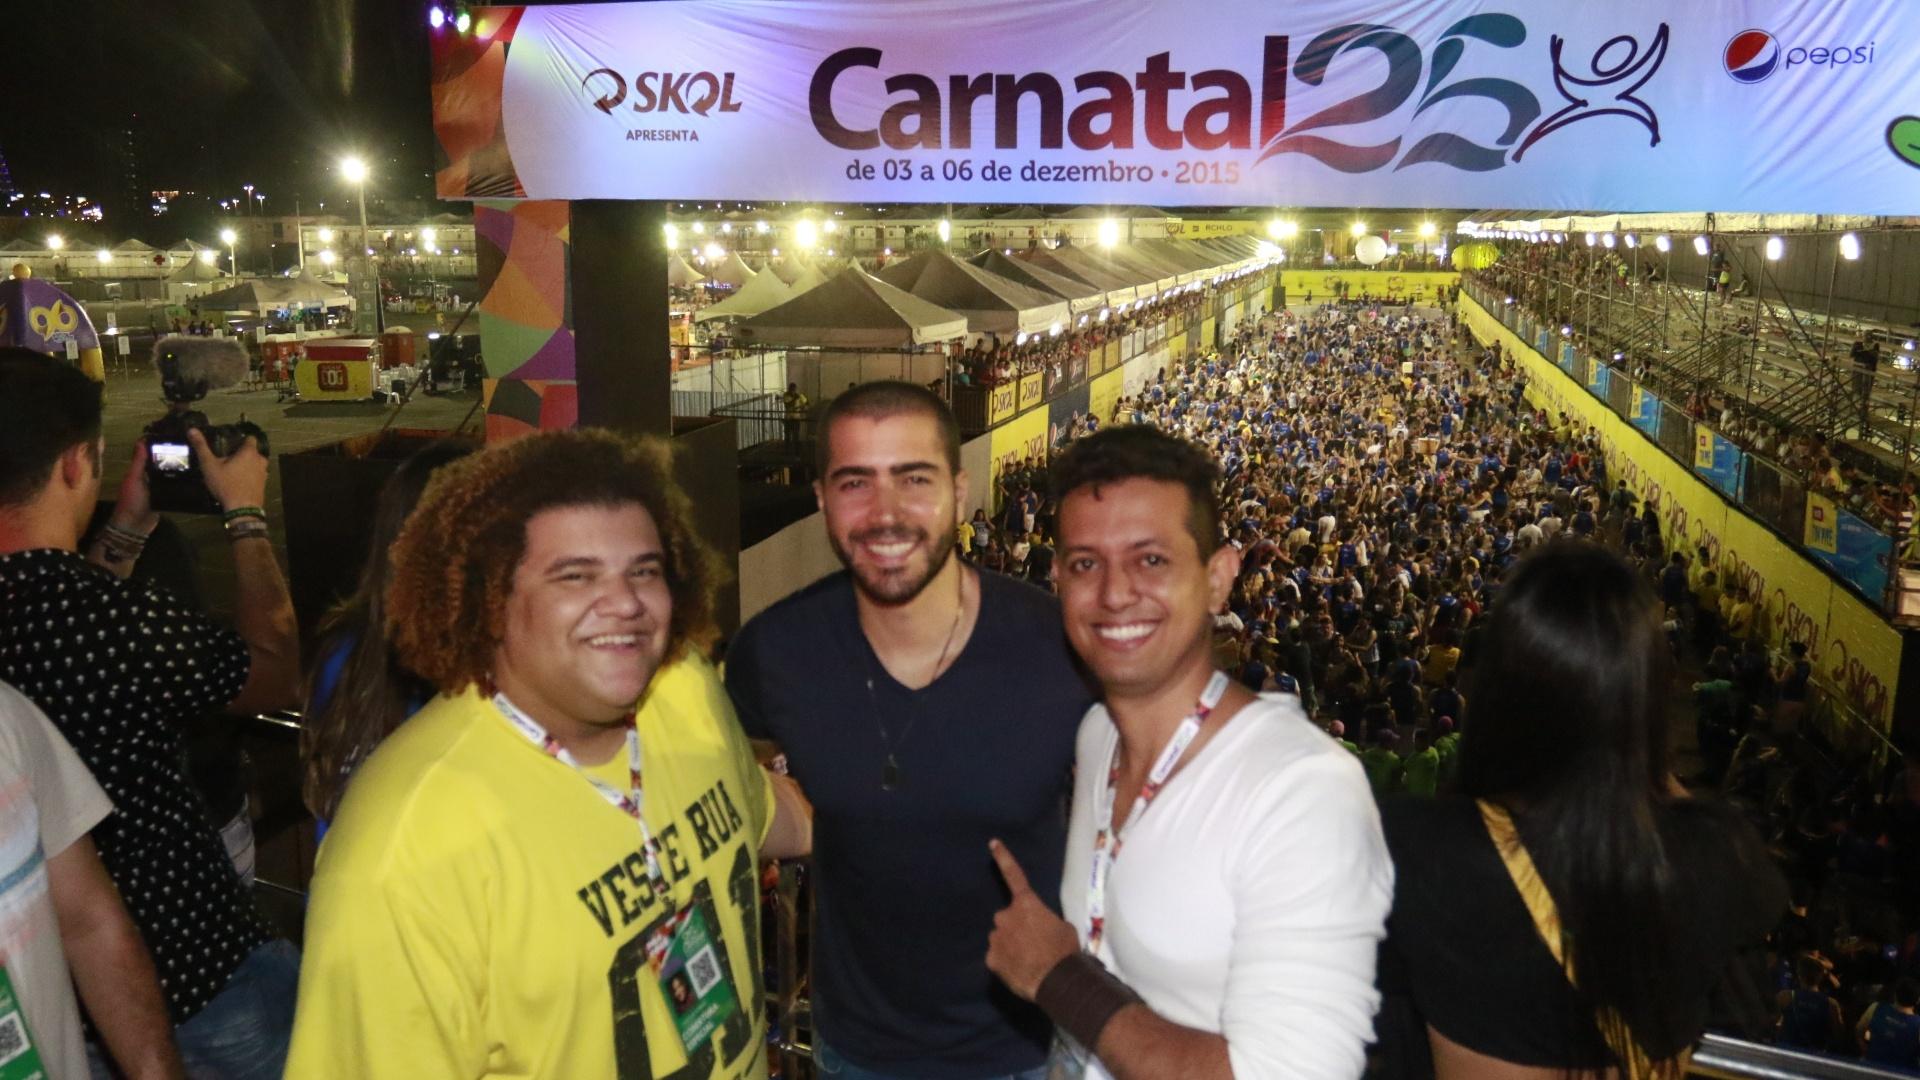 4.dez.2015 - Gominho, Rafael Marques (filho do cantor Bell Marques) e Márcio Guimarães posam para fotos no Carnatal